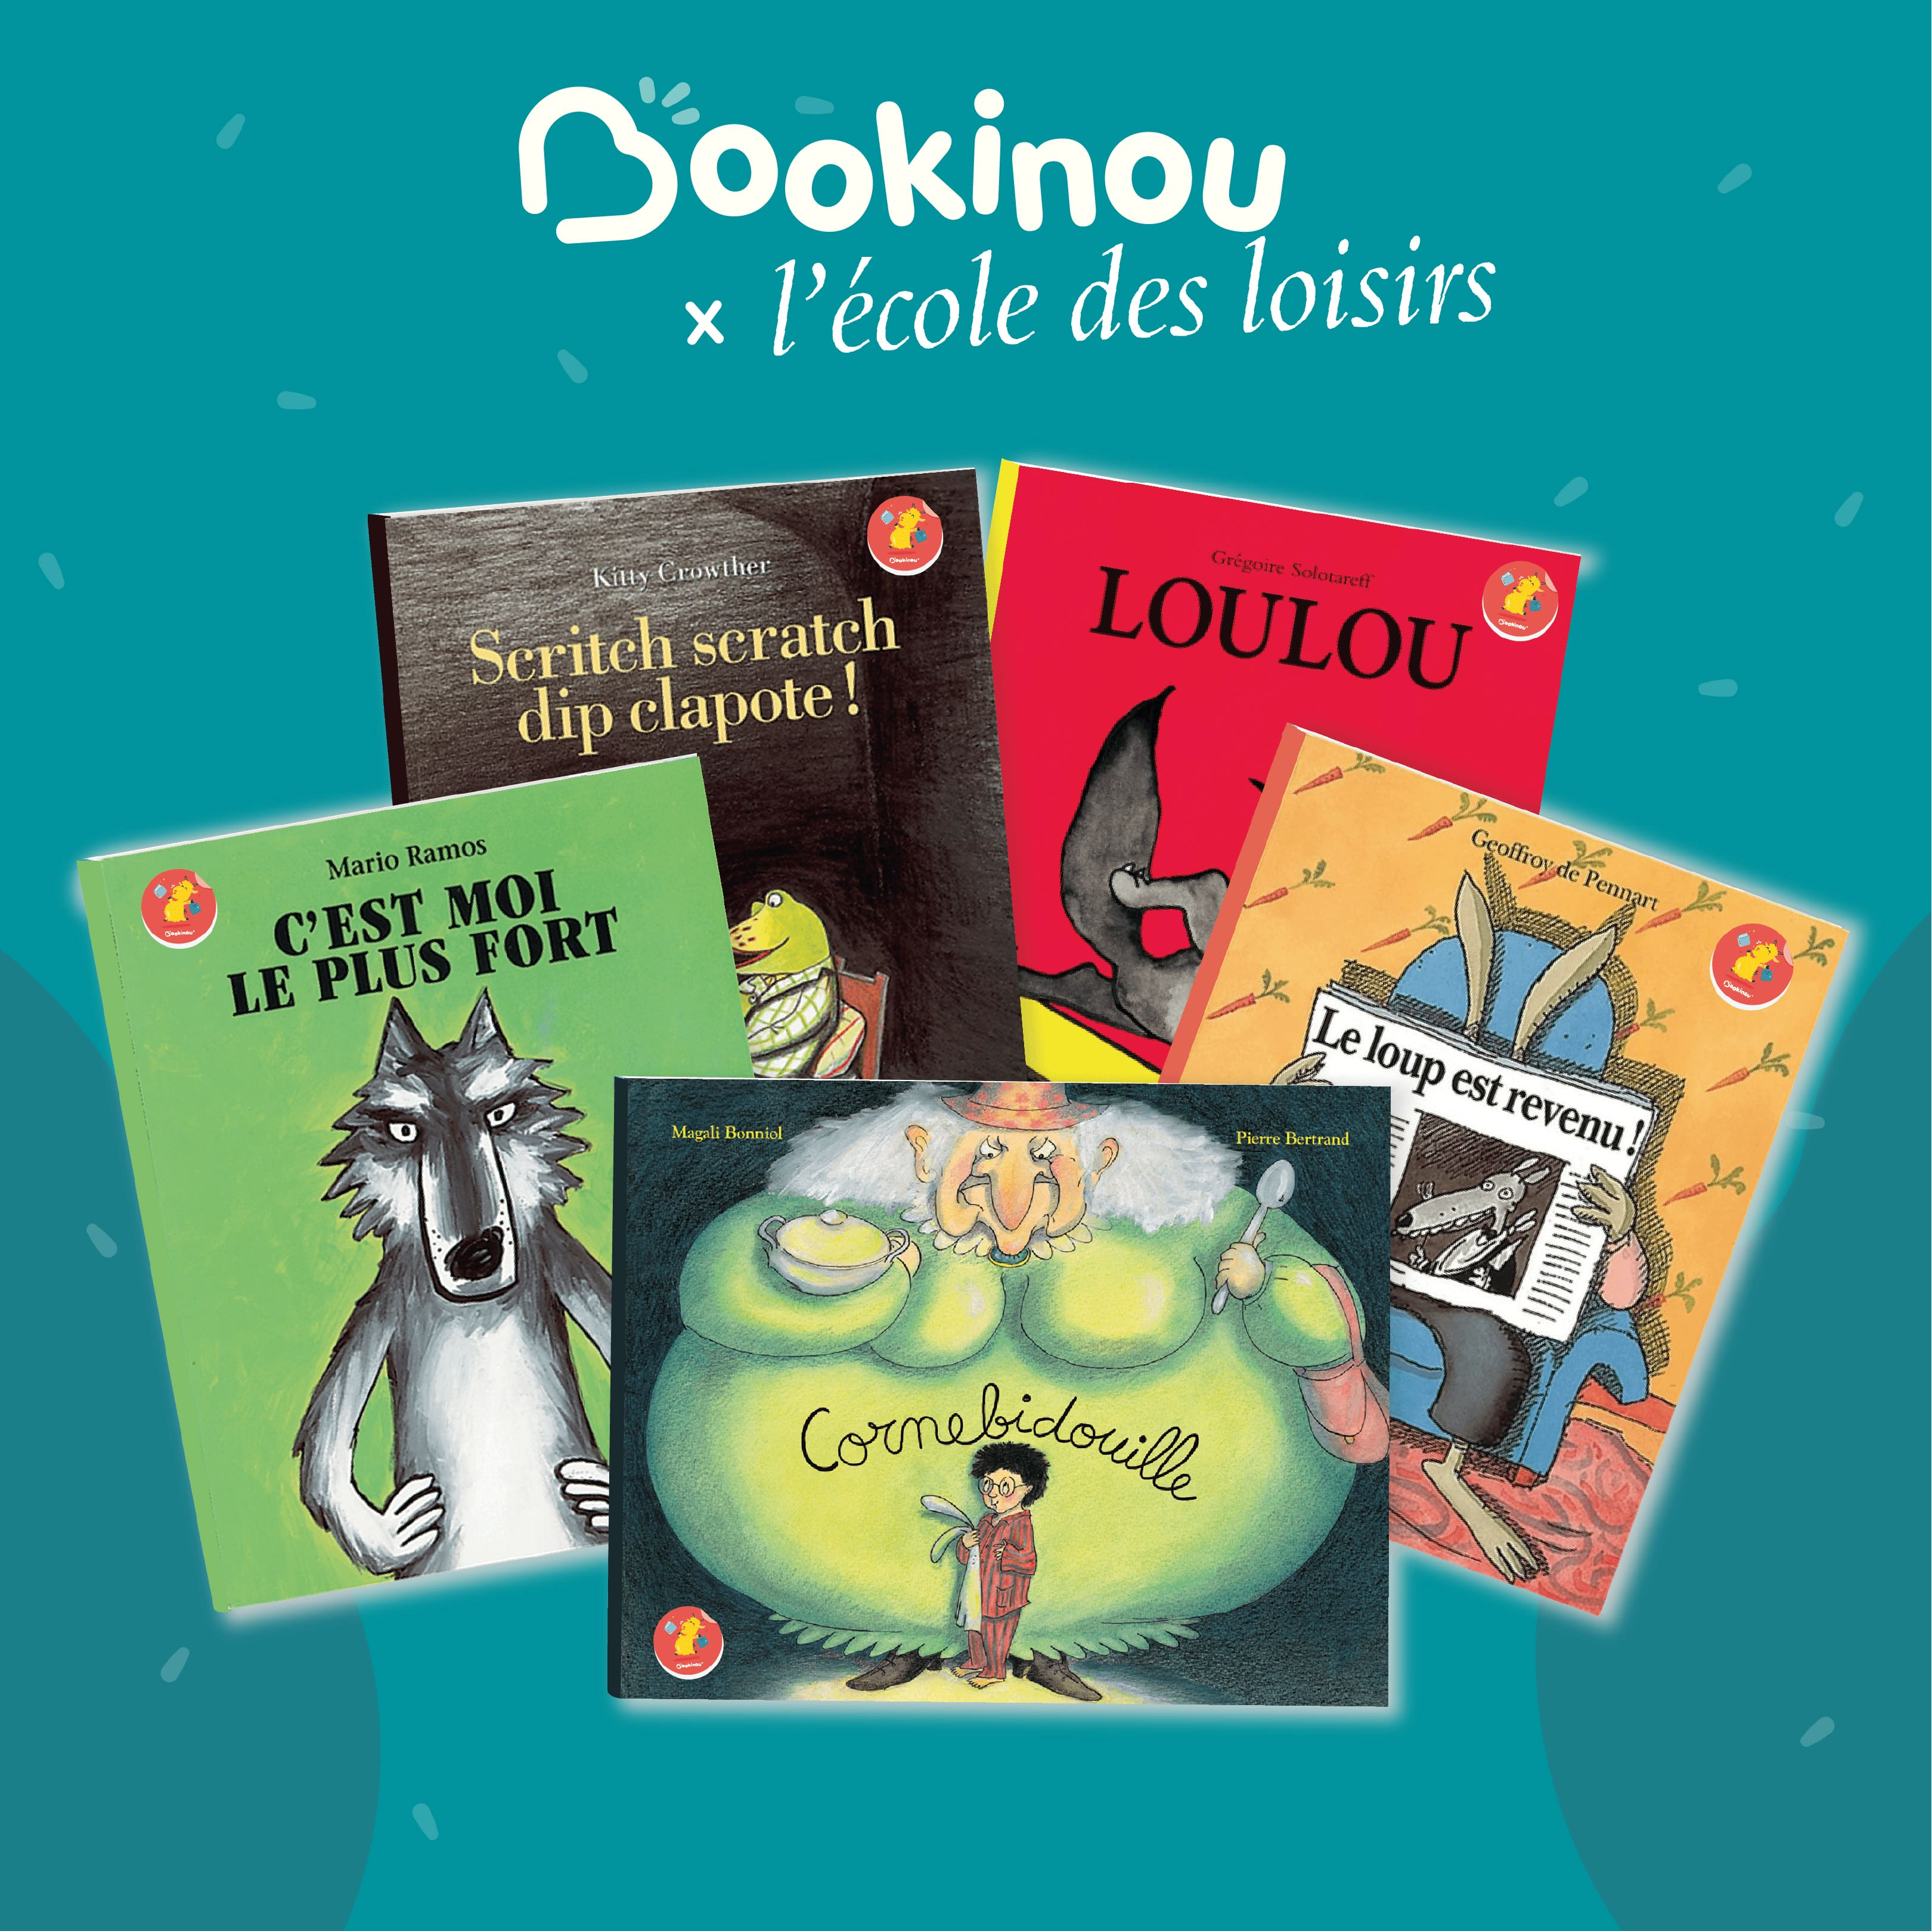 Même pas peur ! Une sélection de livres pour enfants de l'école des loisirs sur Bookinou